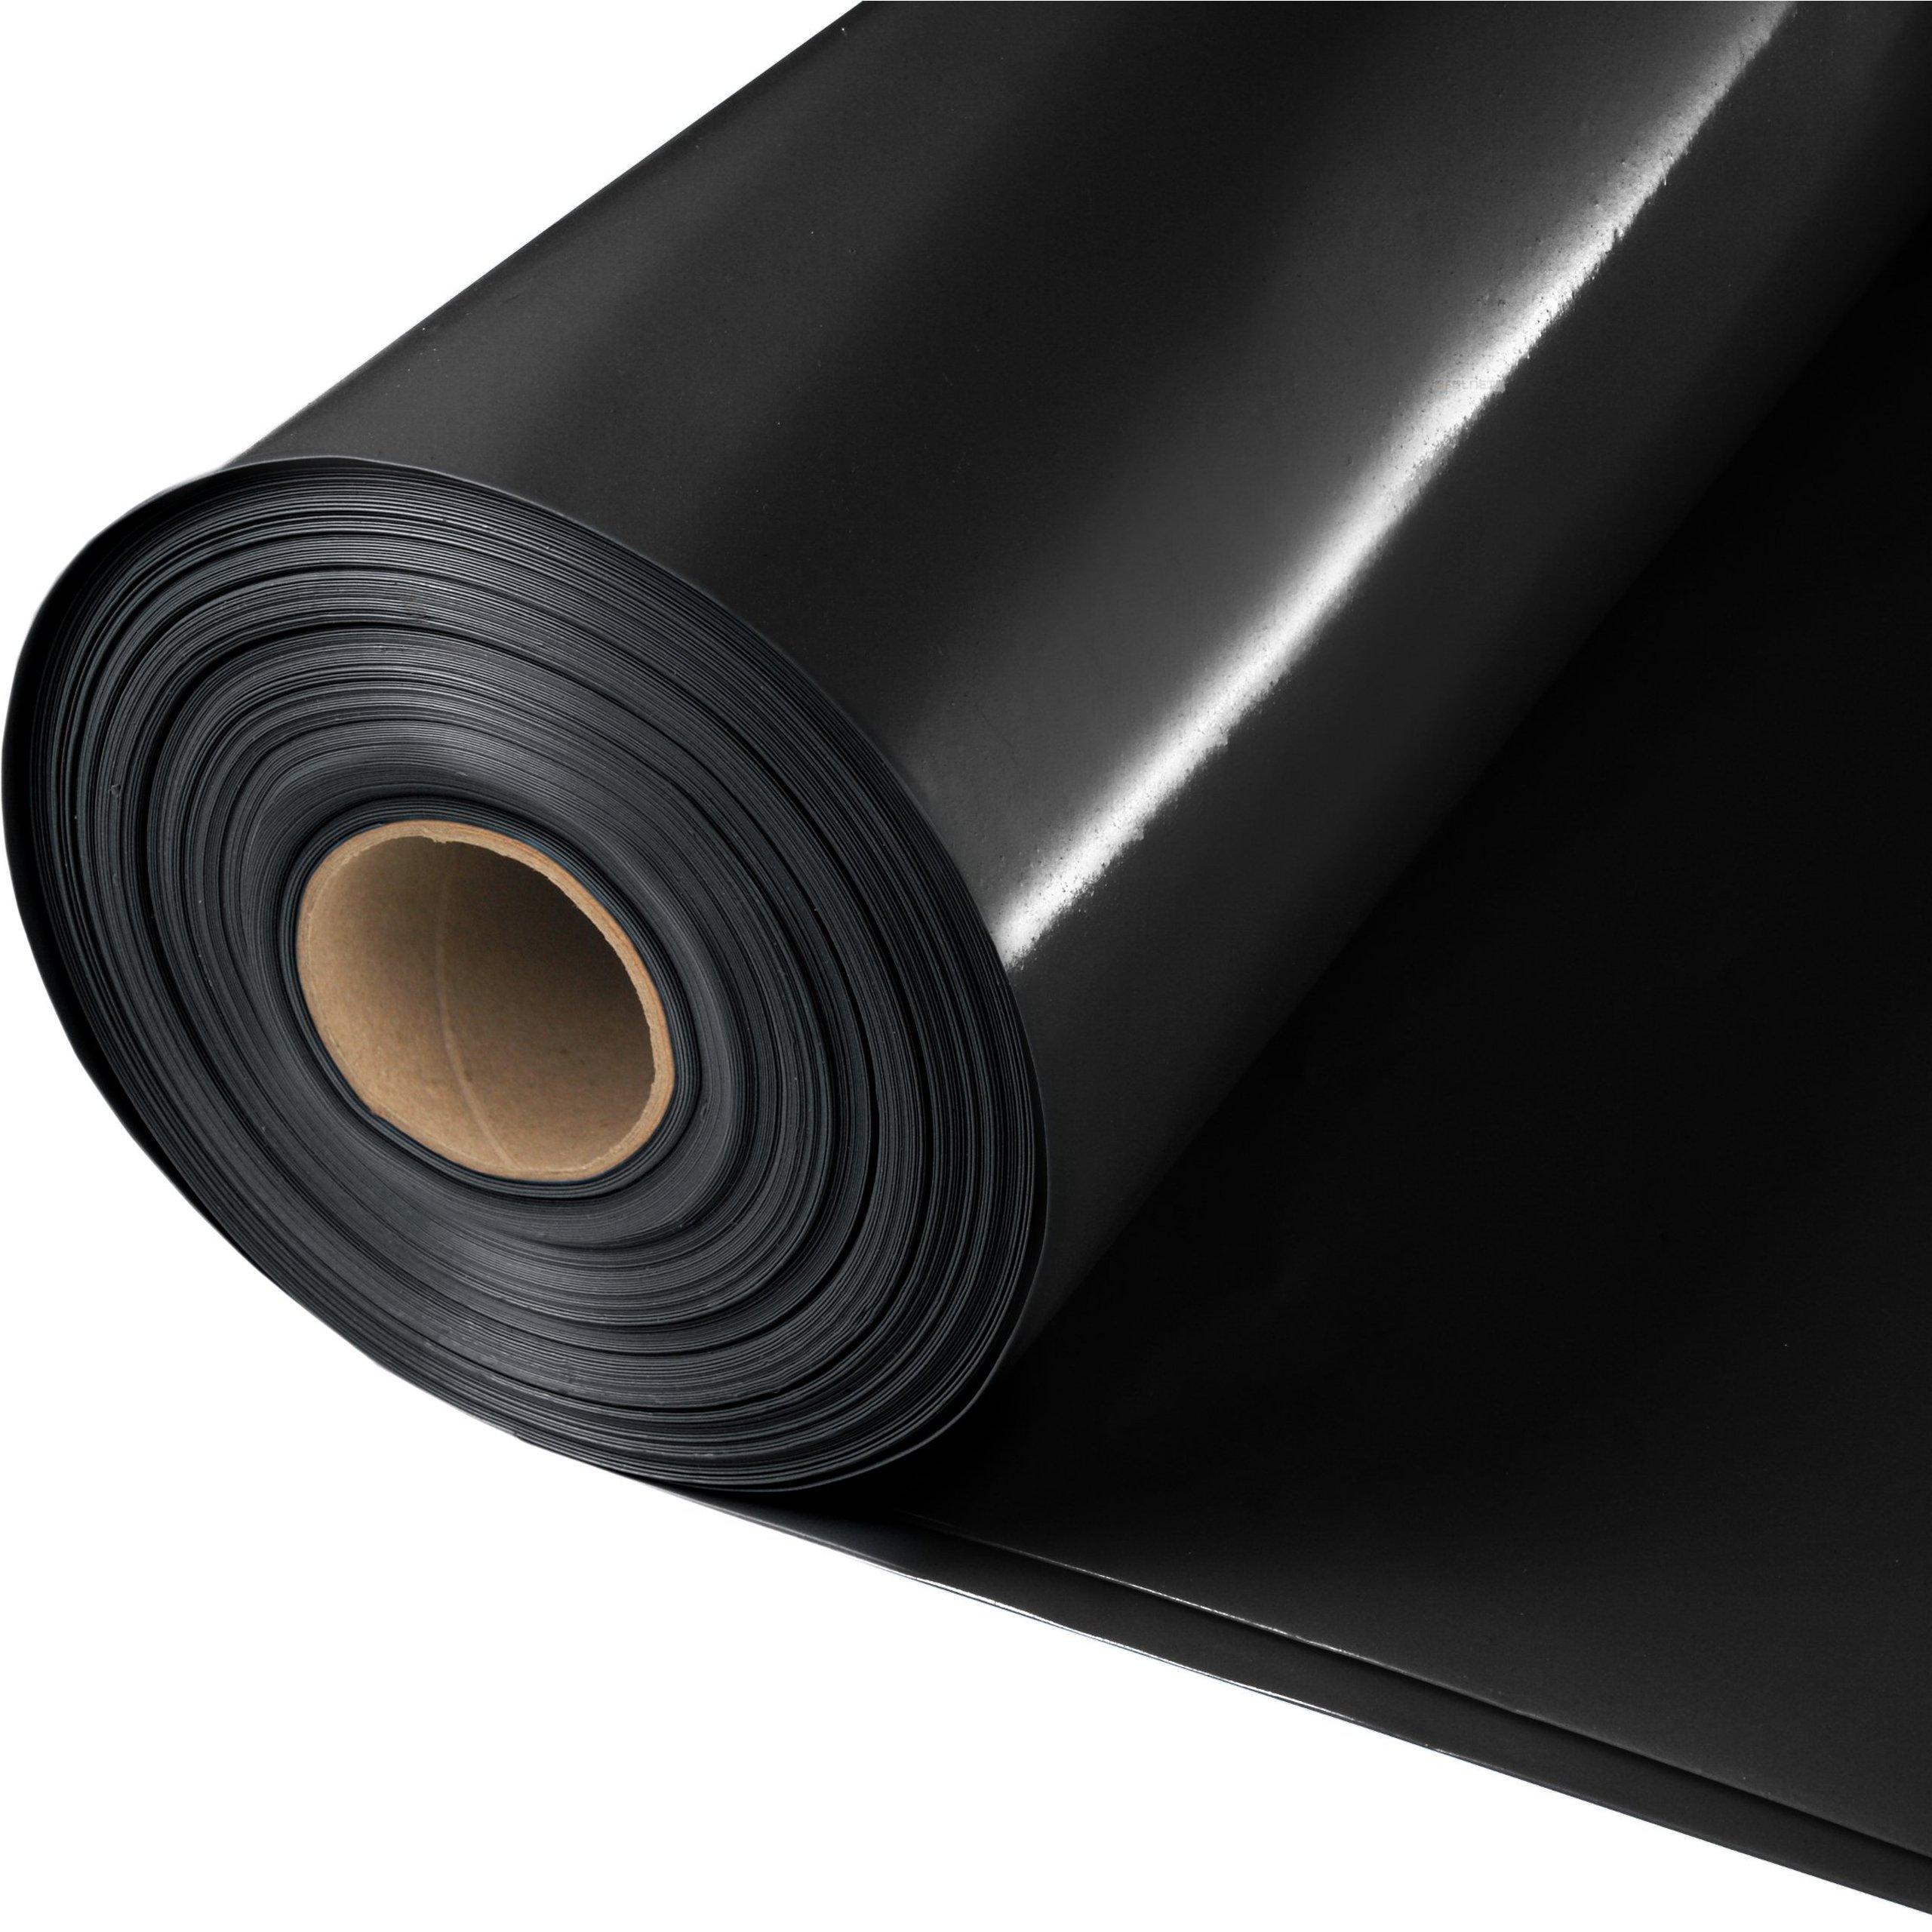 FOLIA 2x50 czarna IZOLACYJNA BUDOWLANA 0,2 0,20mm